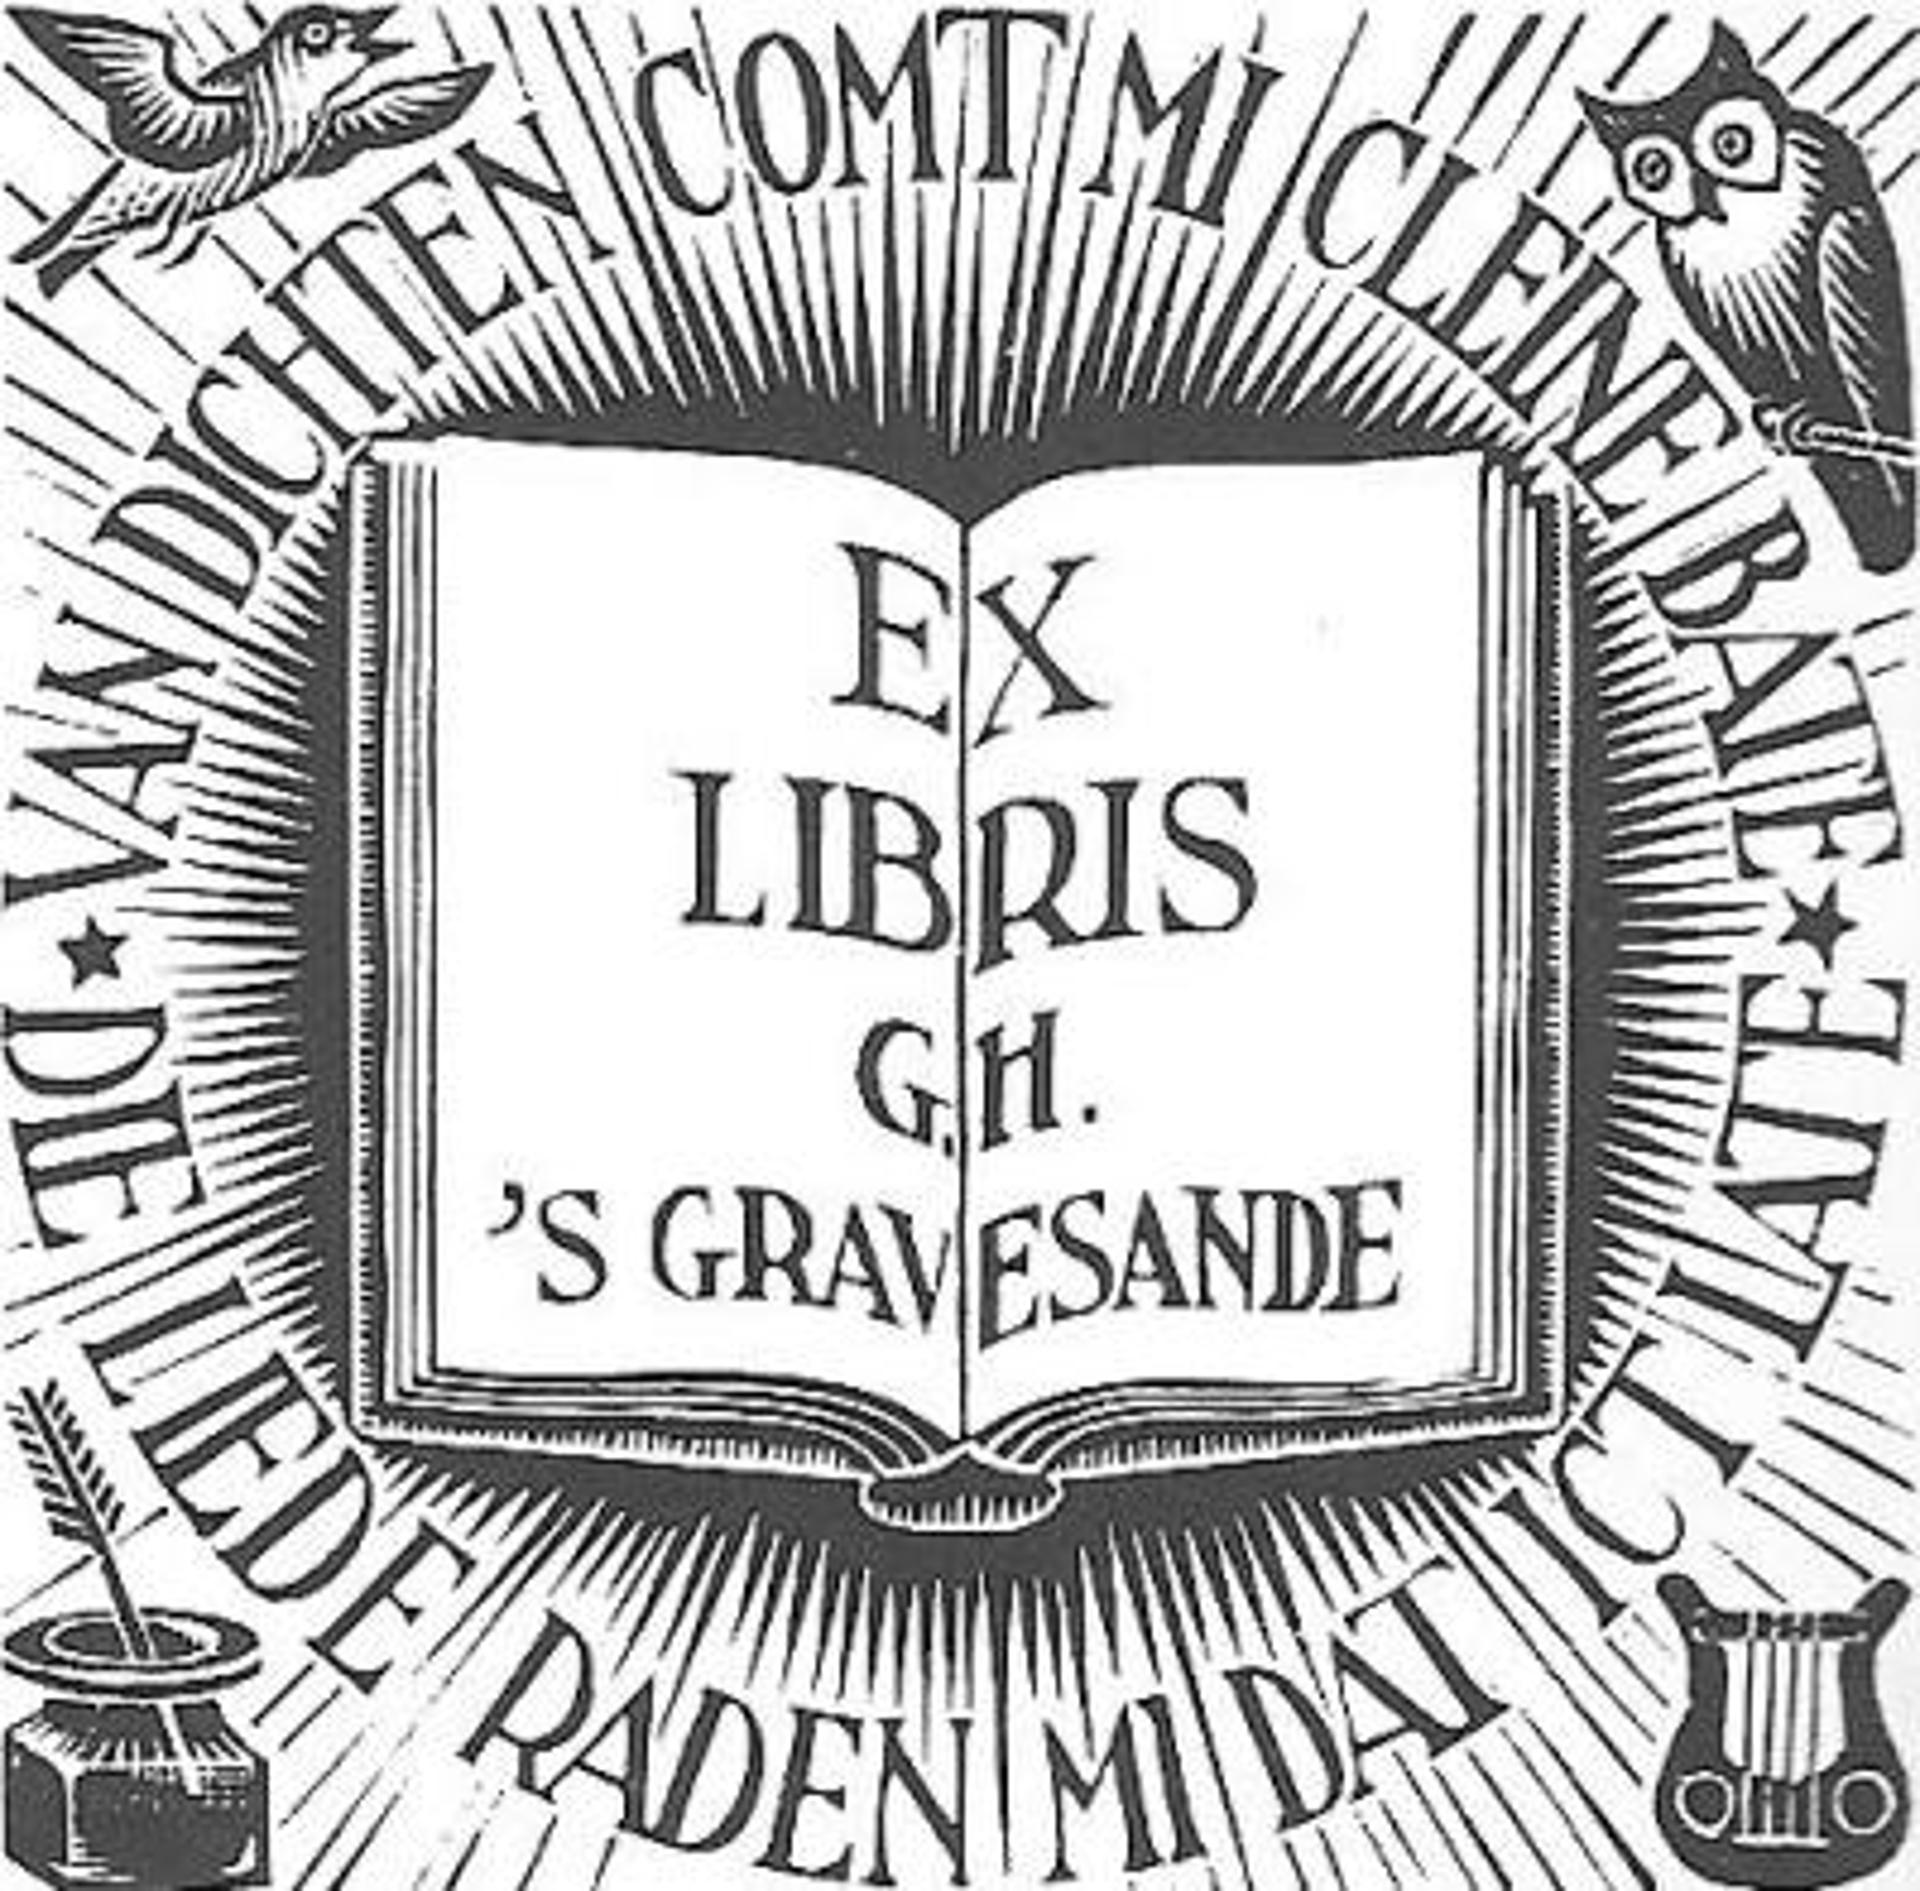 Bookplate G.H.'s- Gravesande by M.C. Escher